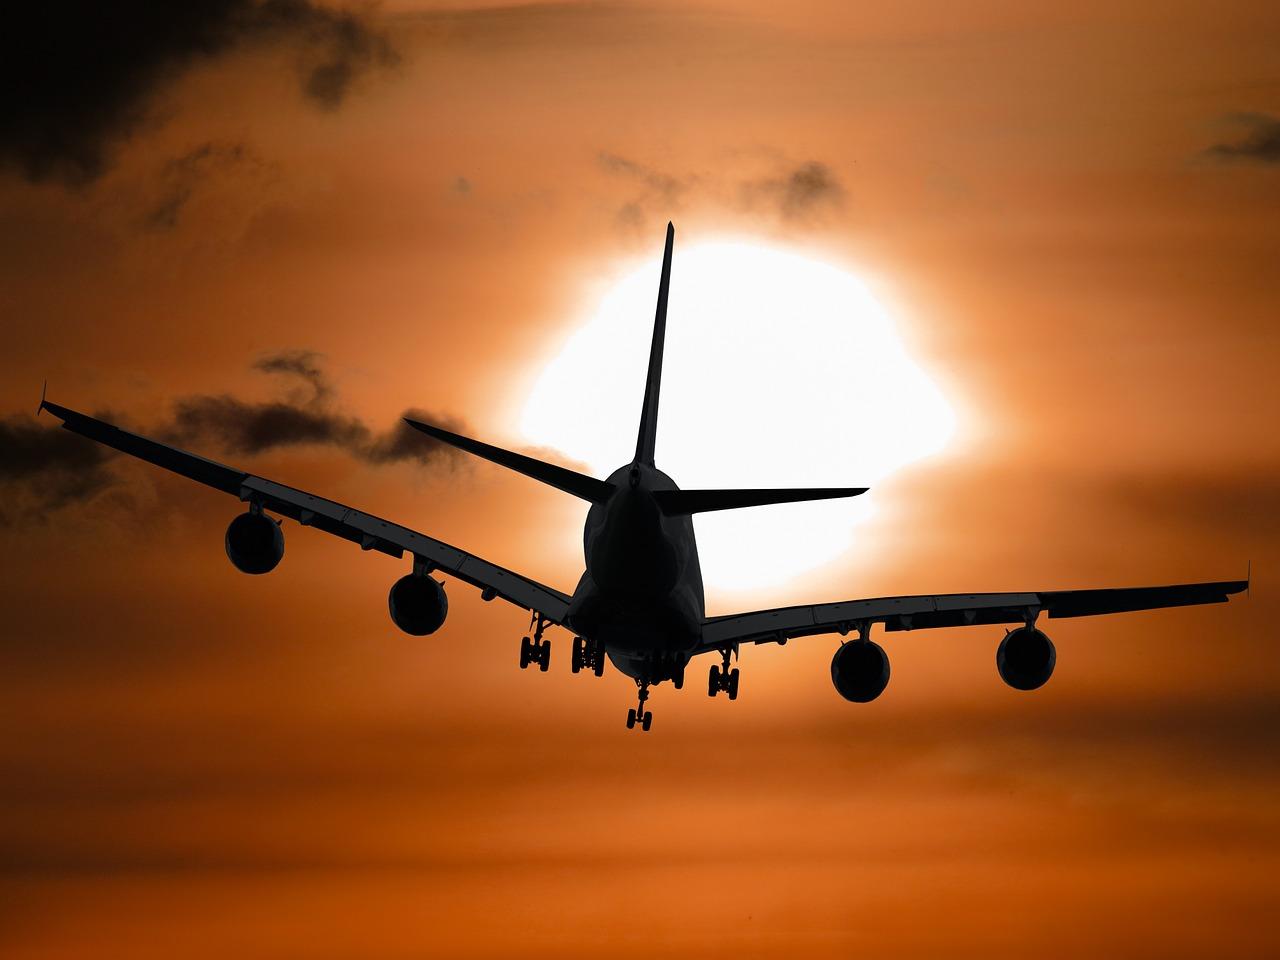 Flyforsinkelser og rettigheder: Alt hvad du bør vide